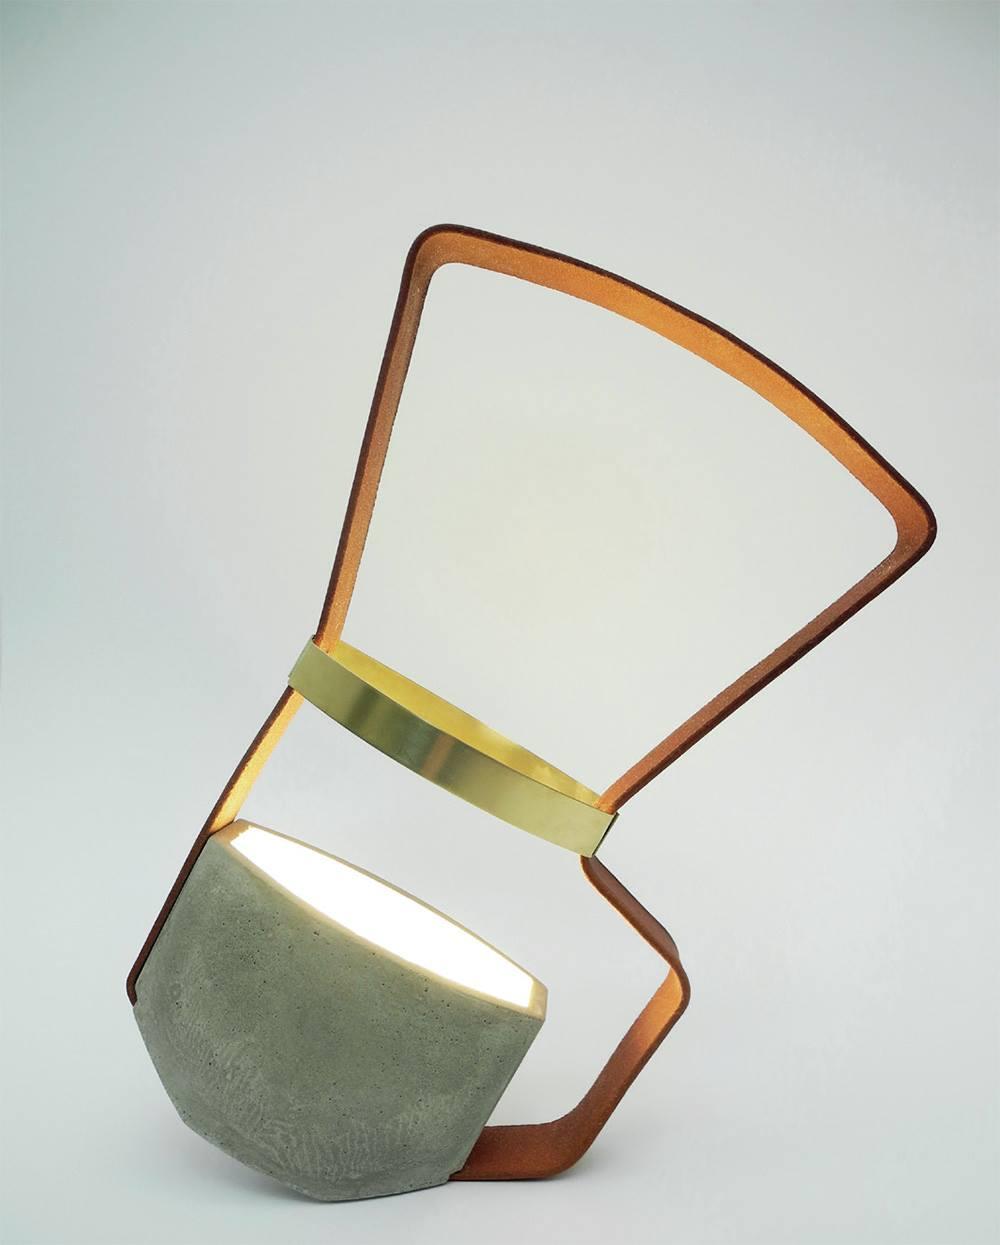 EK Deign - Nomadic Light (foto ASDF)